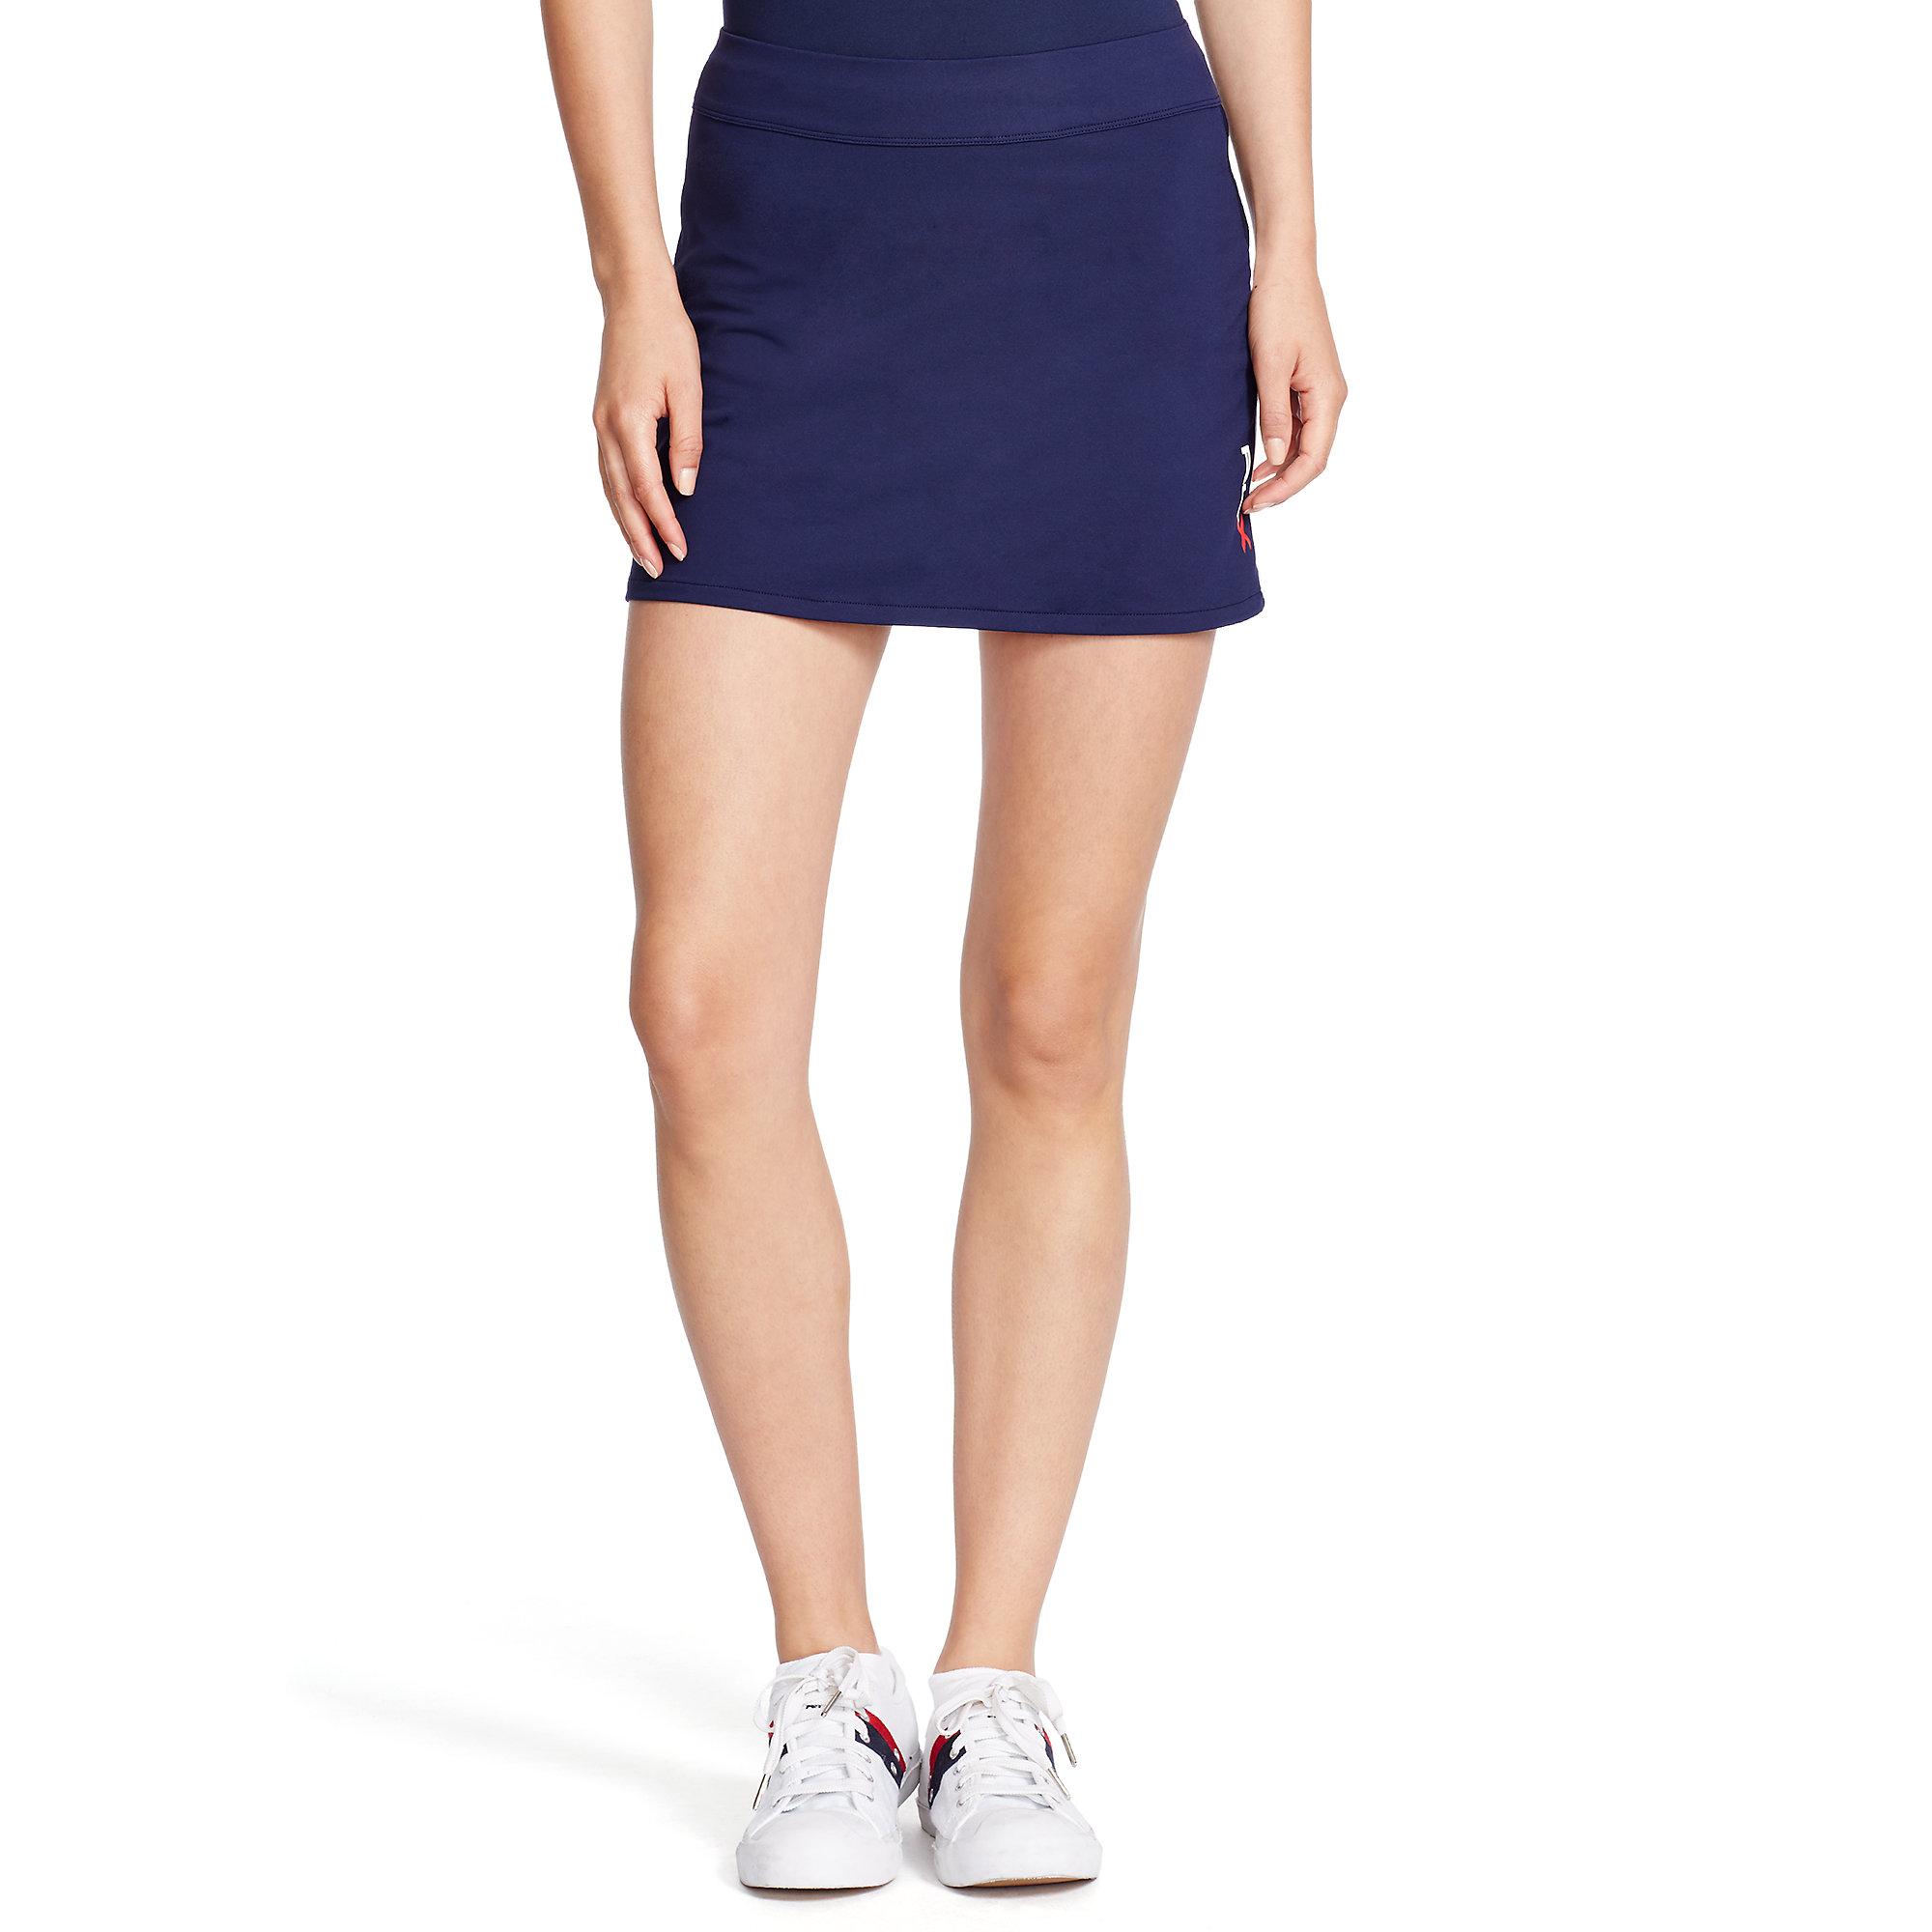 French Open Ball Girl Skirt